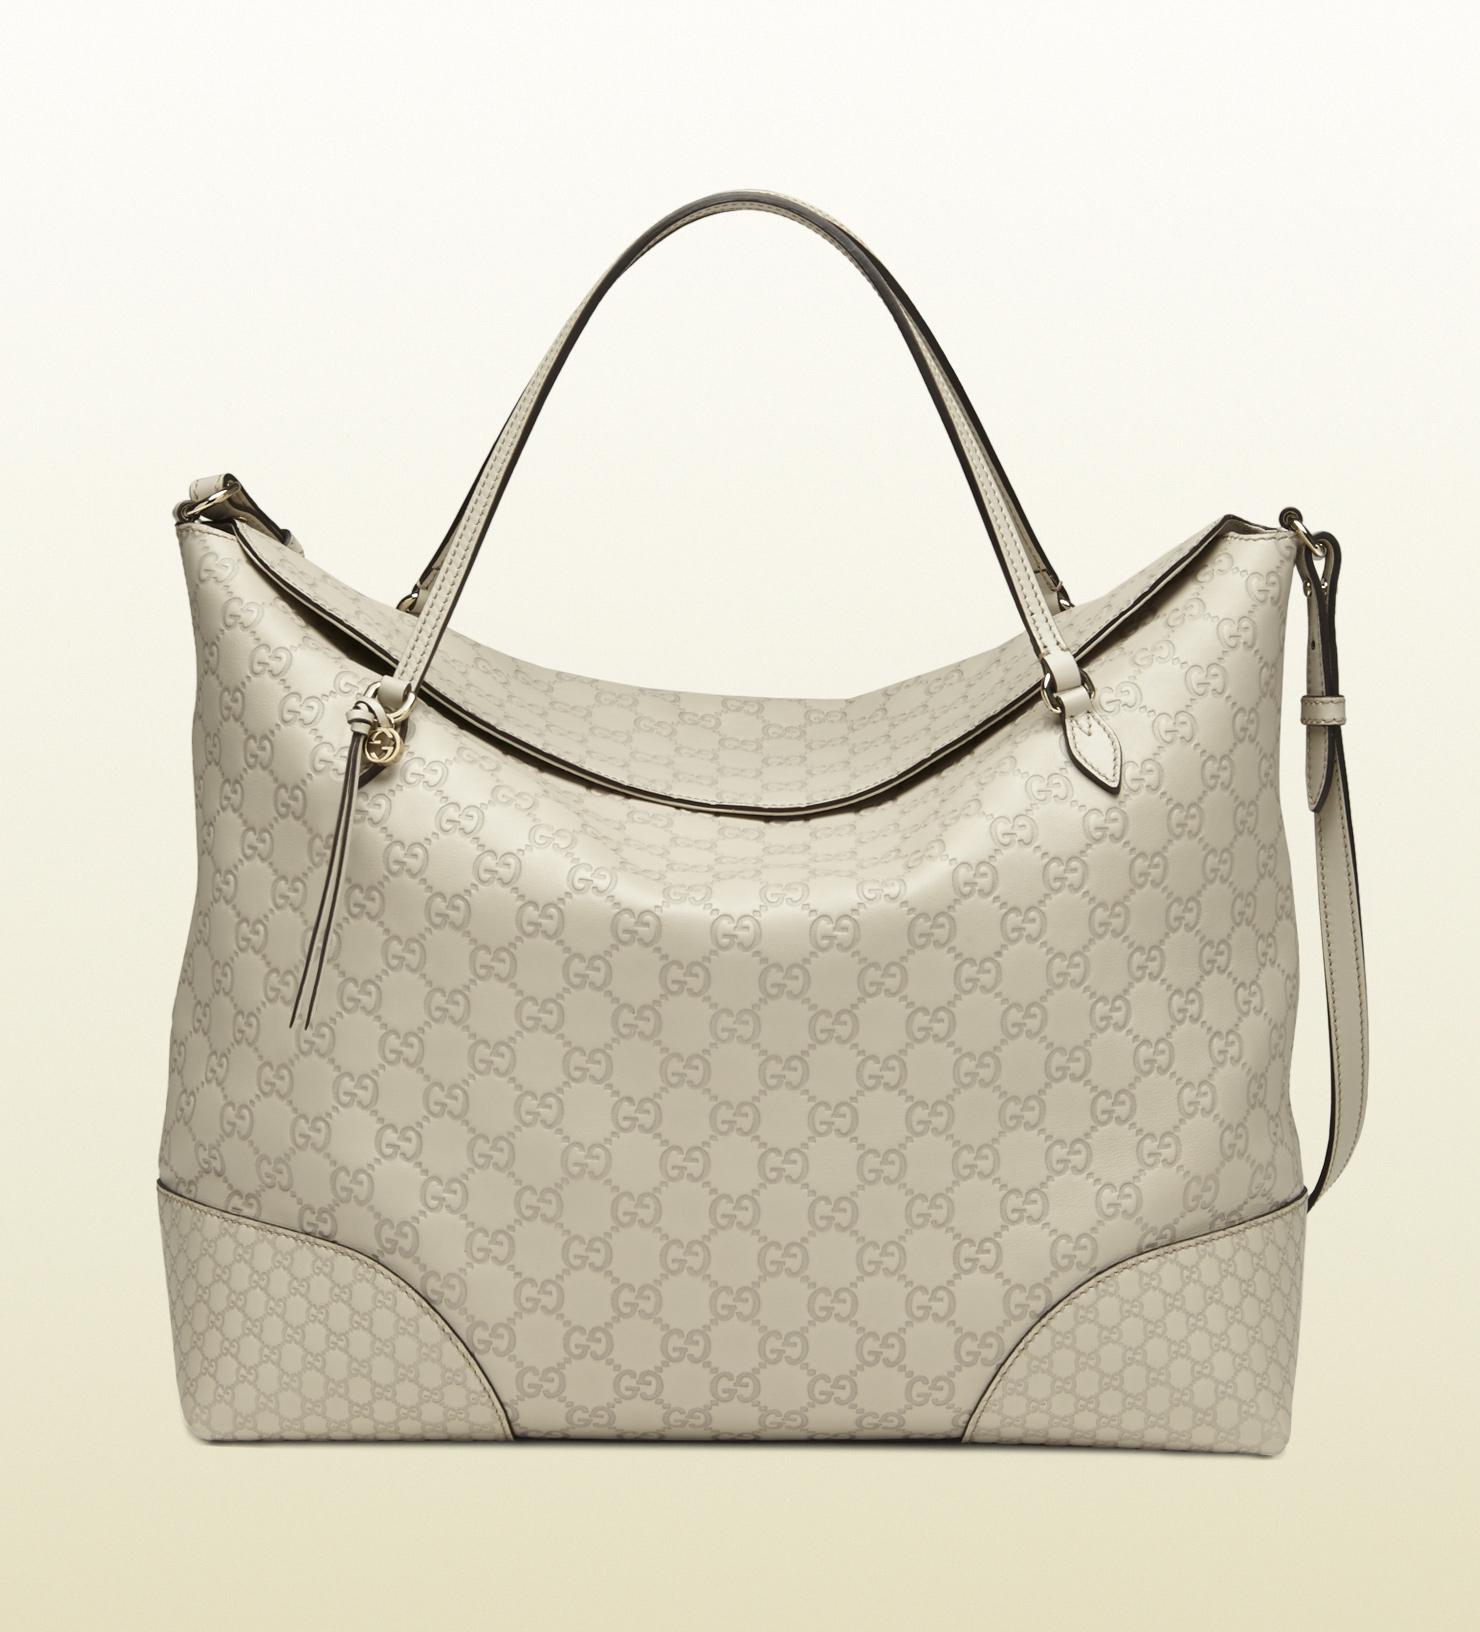 5f5fe0a03 Gucci Bree Ssima Leather Tote in Gray - Lyst